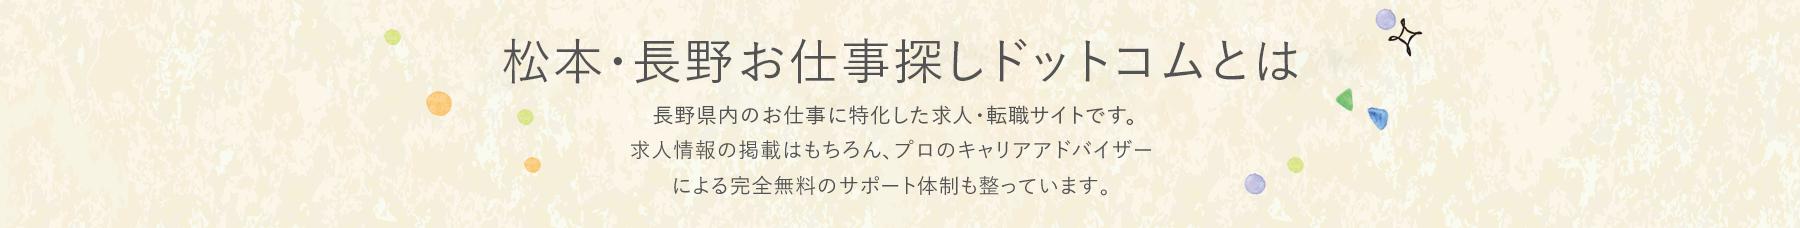 松本・長野ドライバー求人ドットコムとは 松本・長野エリアを中心に長野県のドライバーに特化した求人・転職サイトです。求人情報の掲載はもちろん、プロのキャリアアドバイザーによる完全無料のサポート体制も整っています。